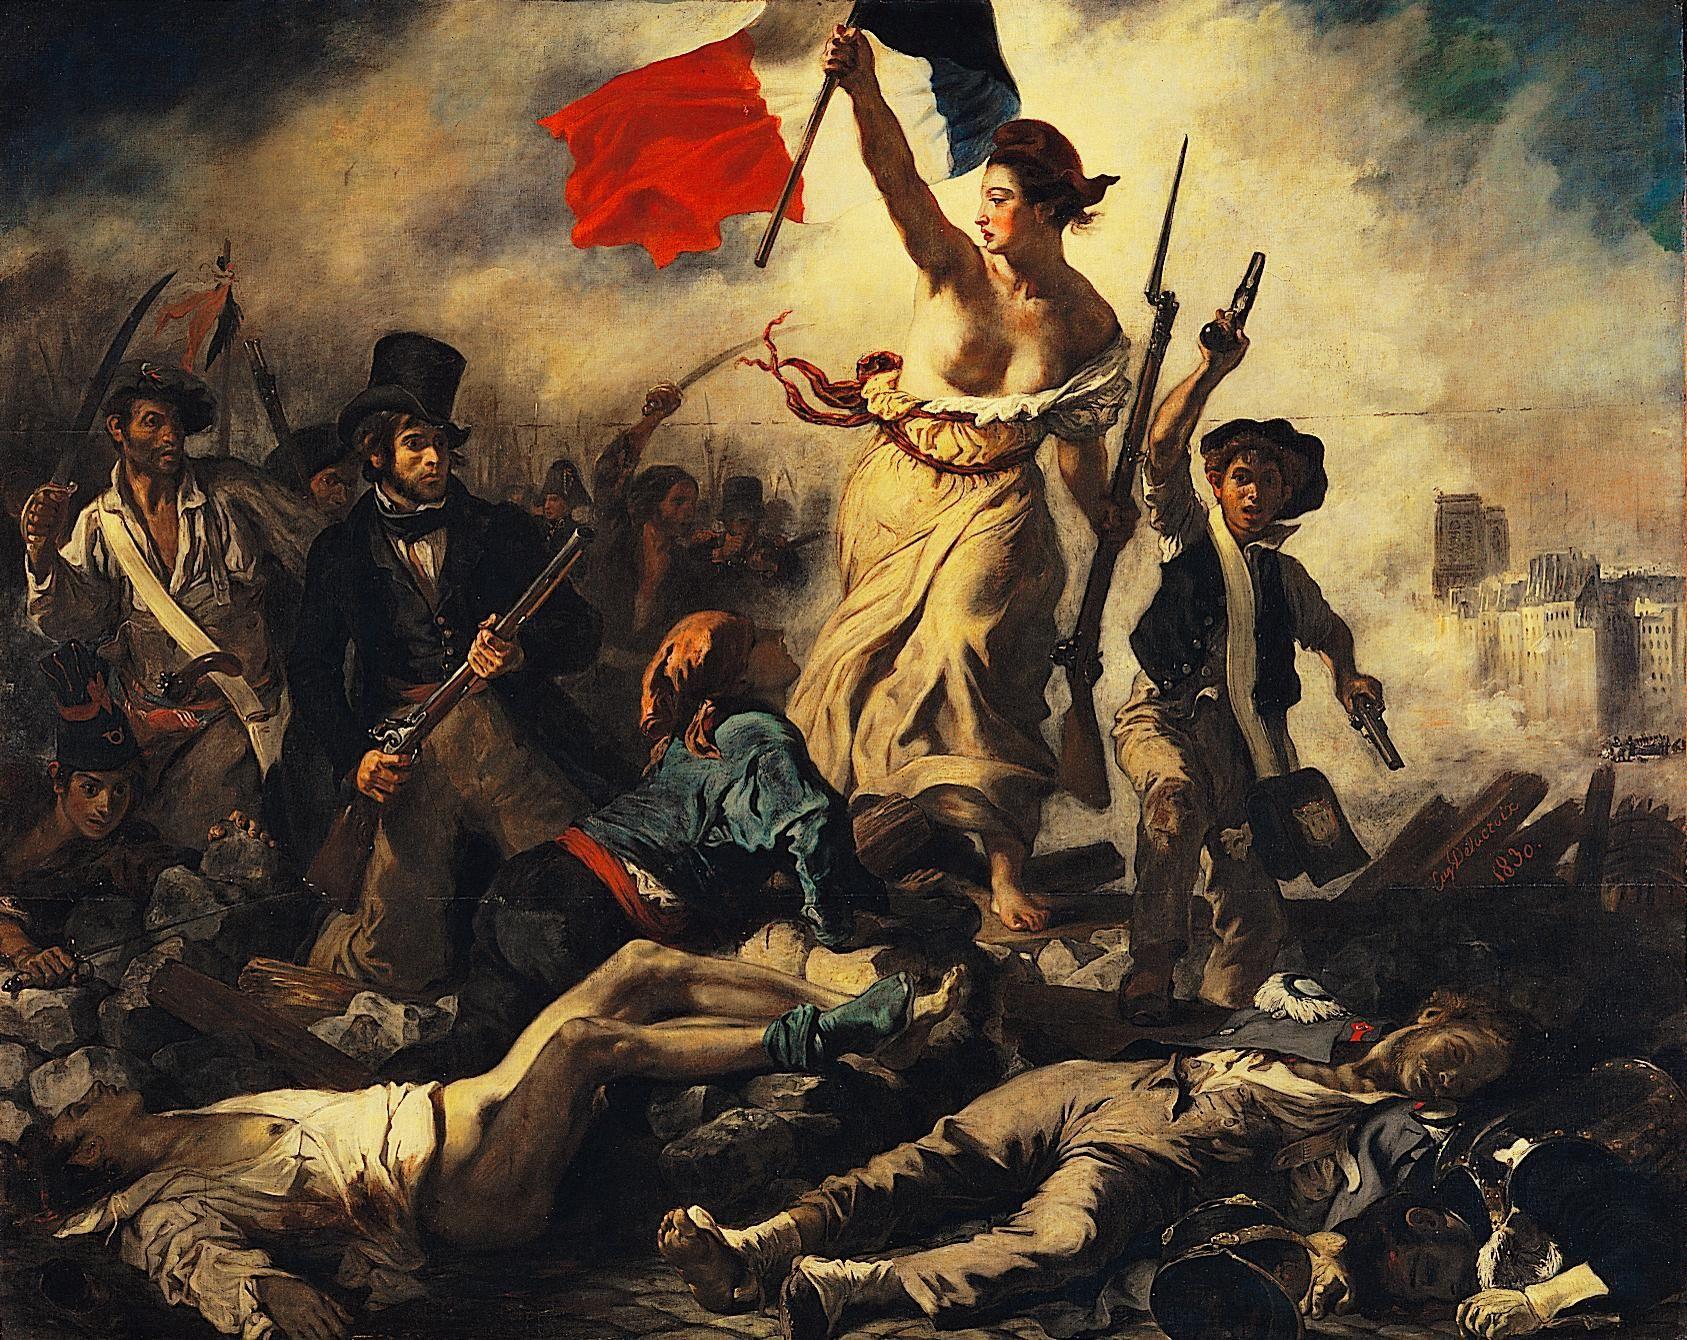 Louvre Lens : Delacroix's La Liberté guidant le peuple - French Revolution